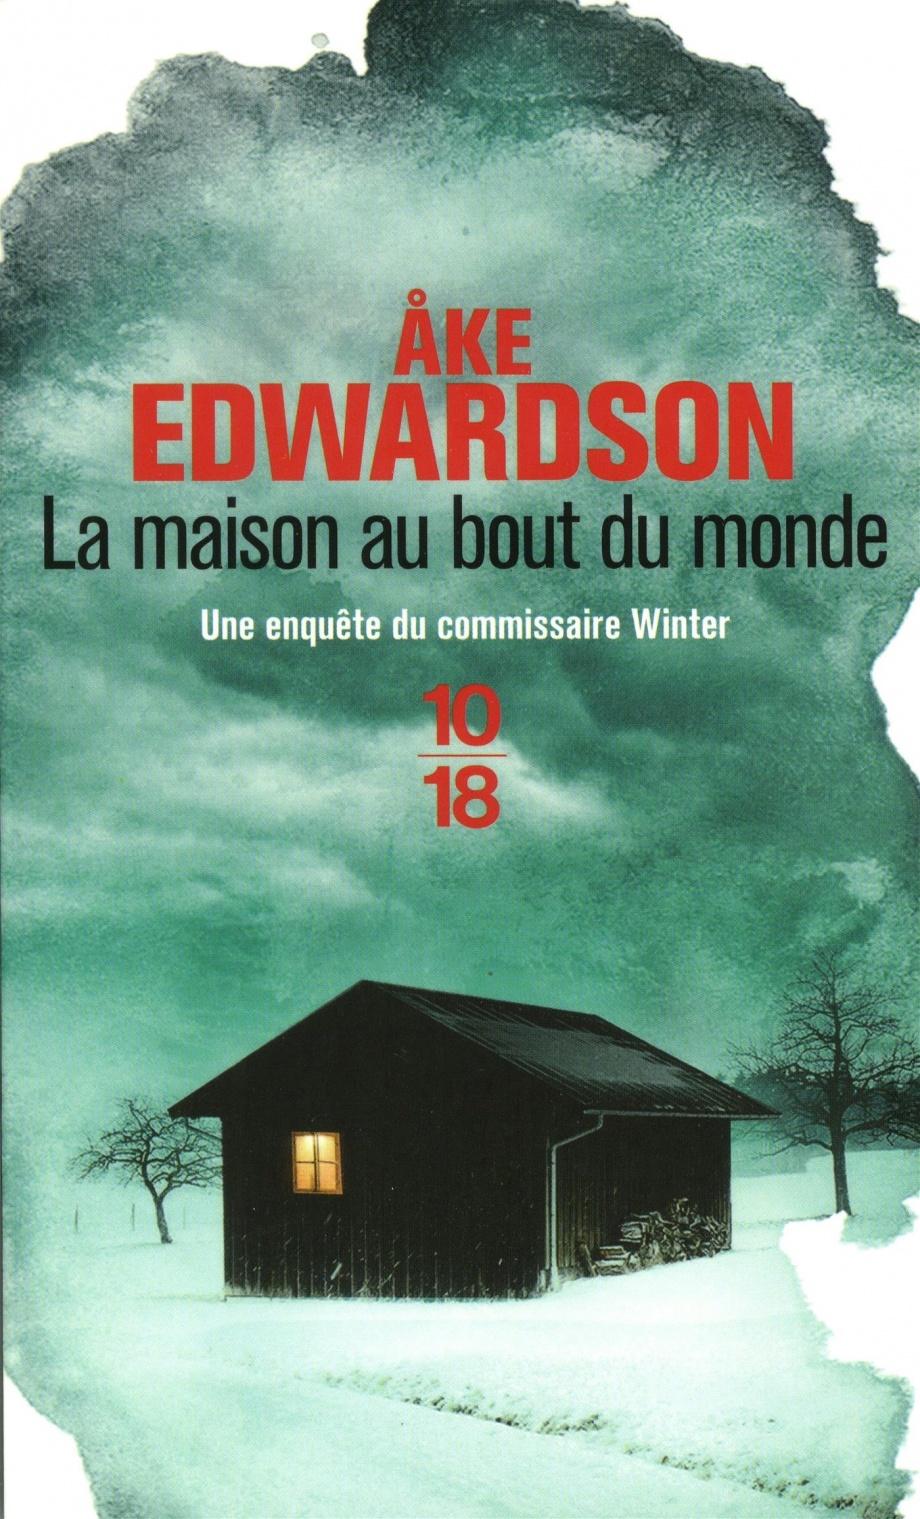 La Maison Au Bout Du Monde : maison, monde, Maison, Monde, Edwardson, Littérature, Roman, Polar/Suspense, Leslibraires.ca